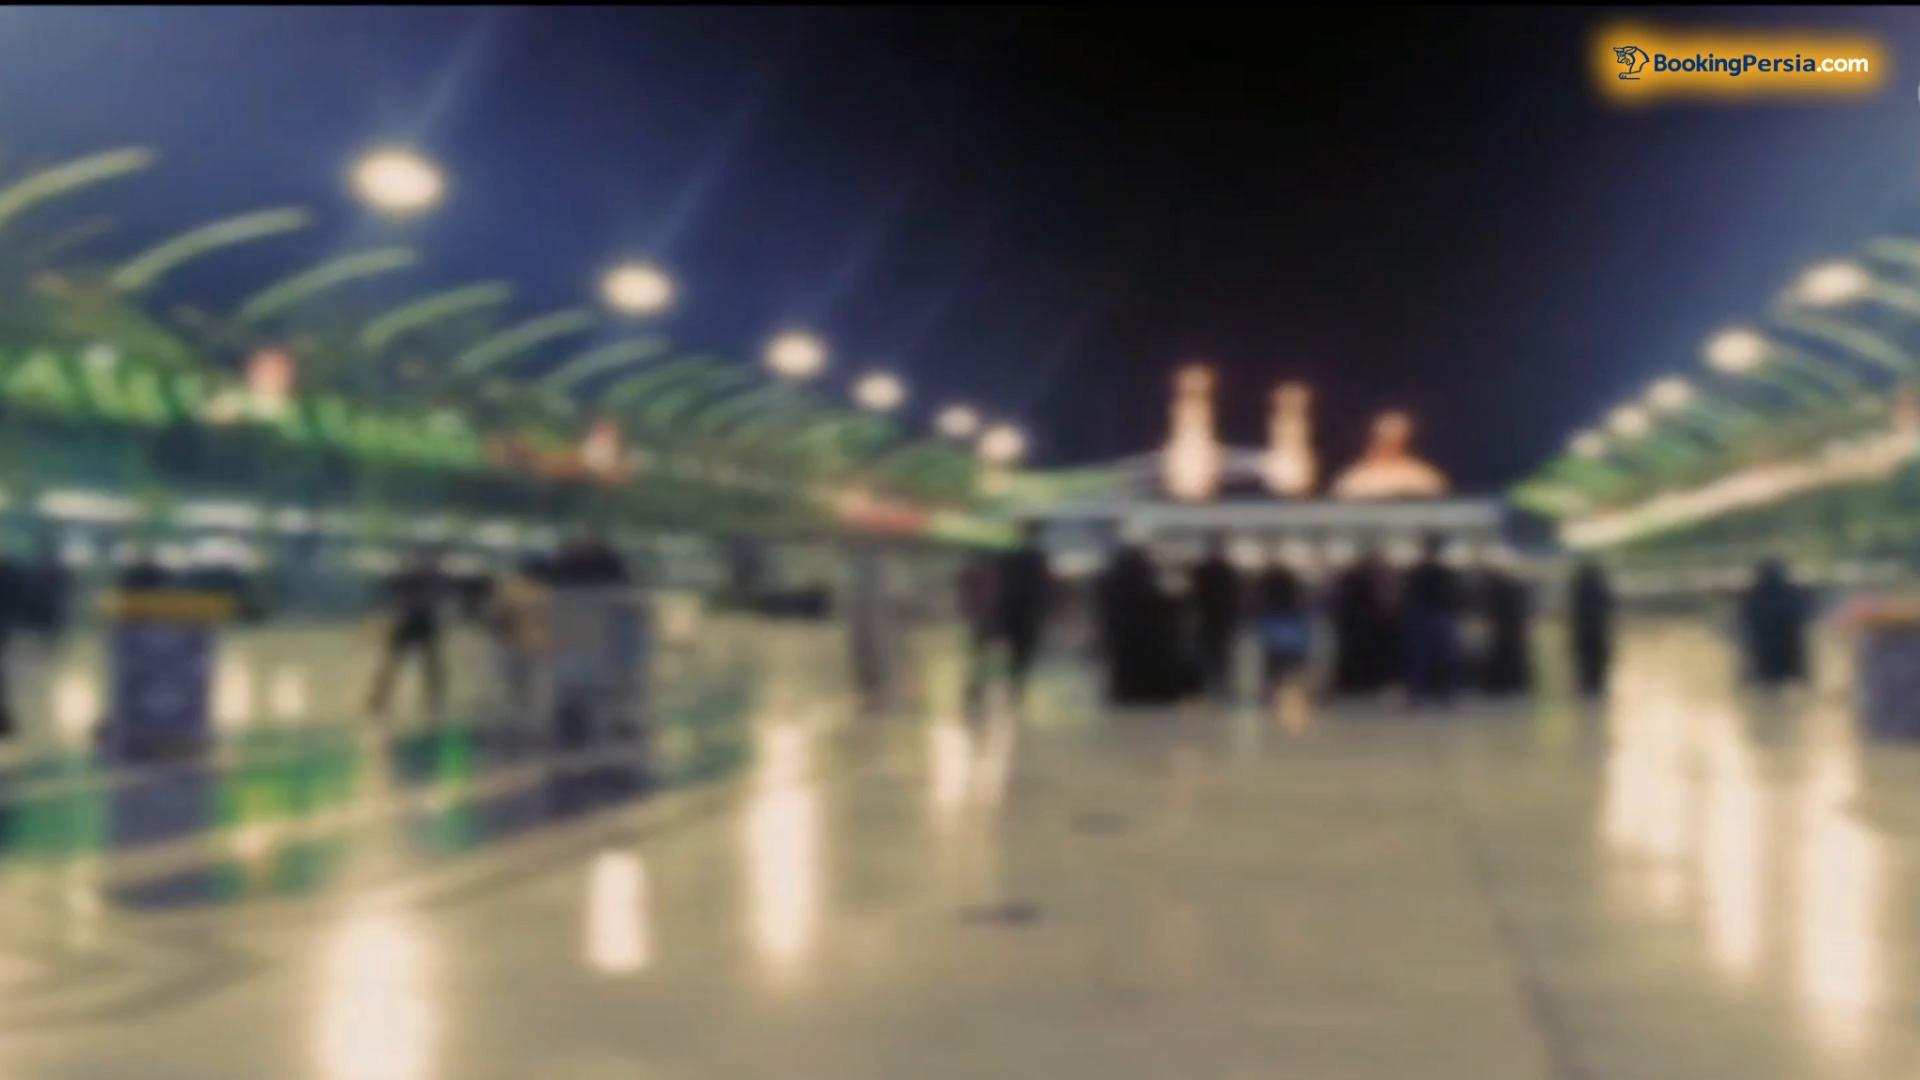 محسن چاوشی نماهنگ جدید عاشورایی ظهر عطش با سکانس های برتر مختارنامه - بوکینگ پرشیا